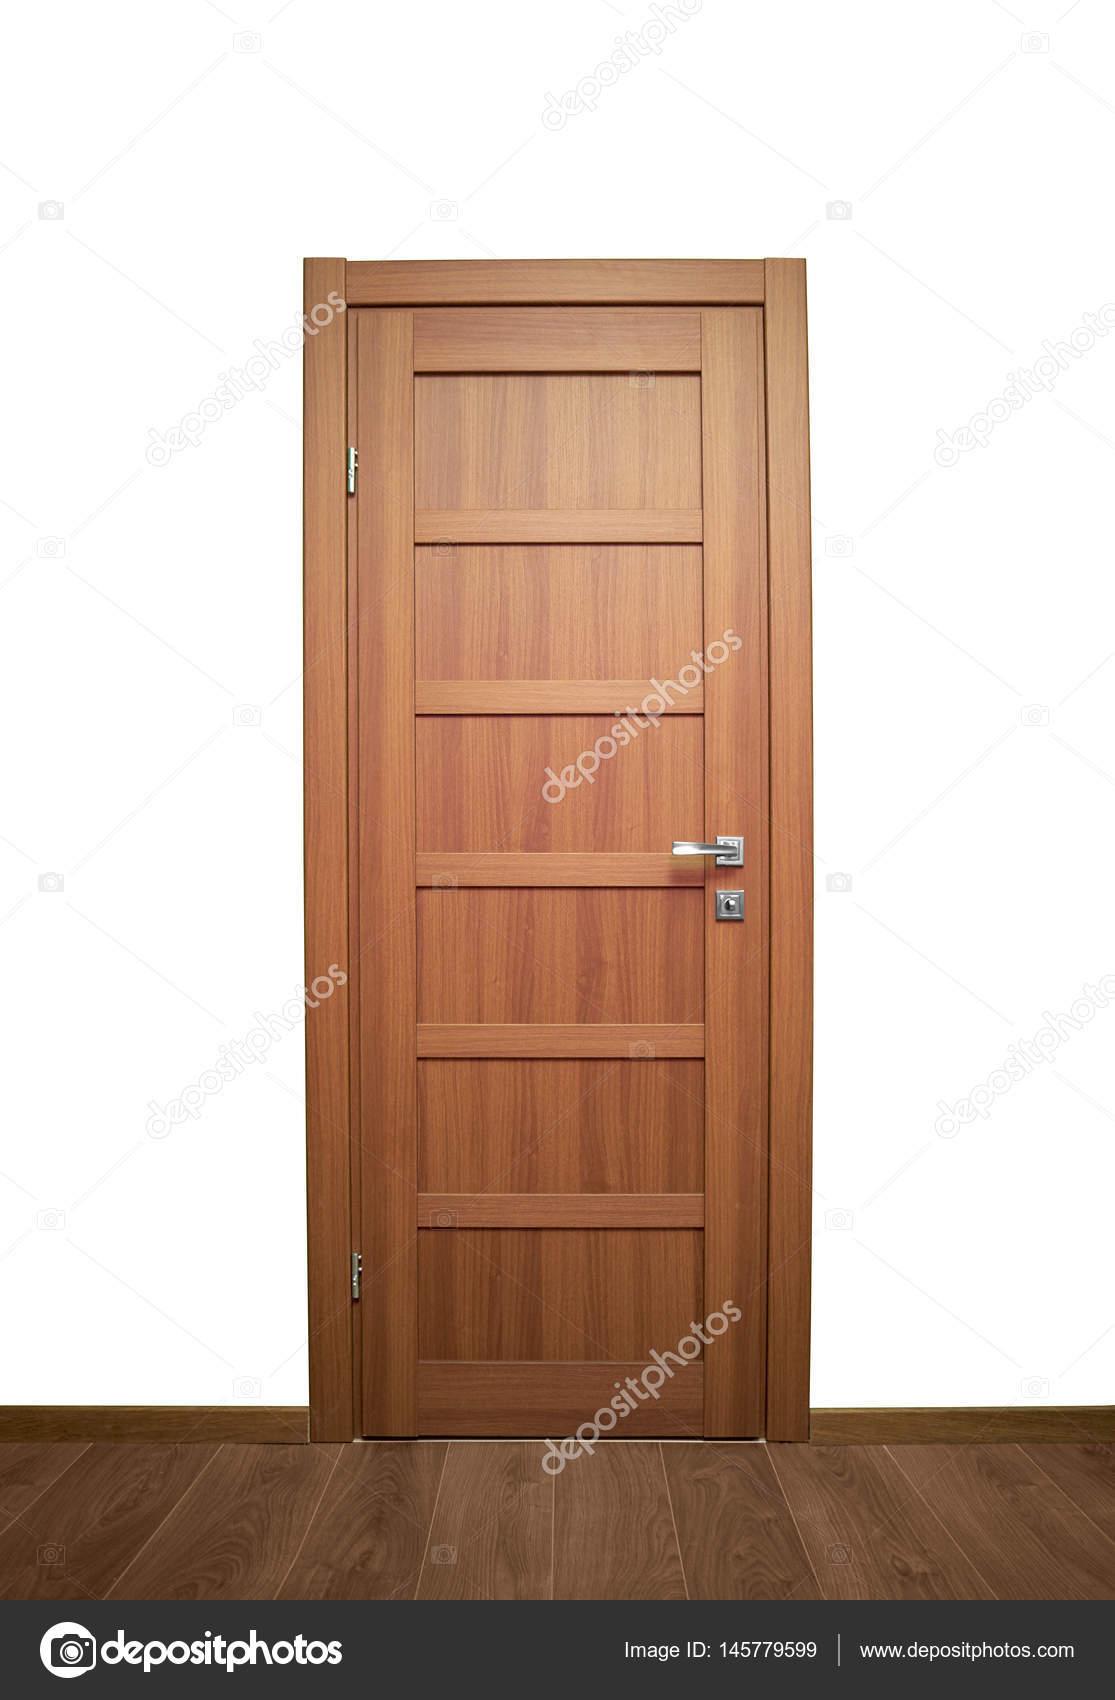 porte interne in legno — Foto Stock © Himchenko #145779599